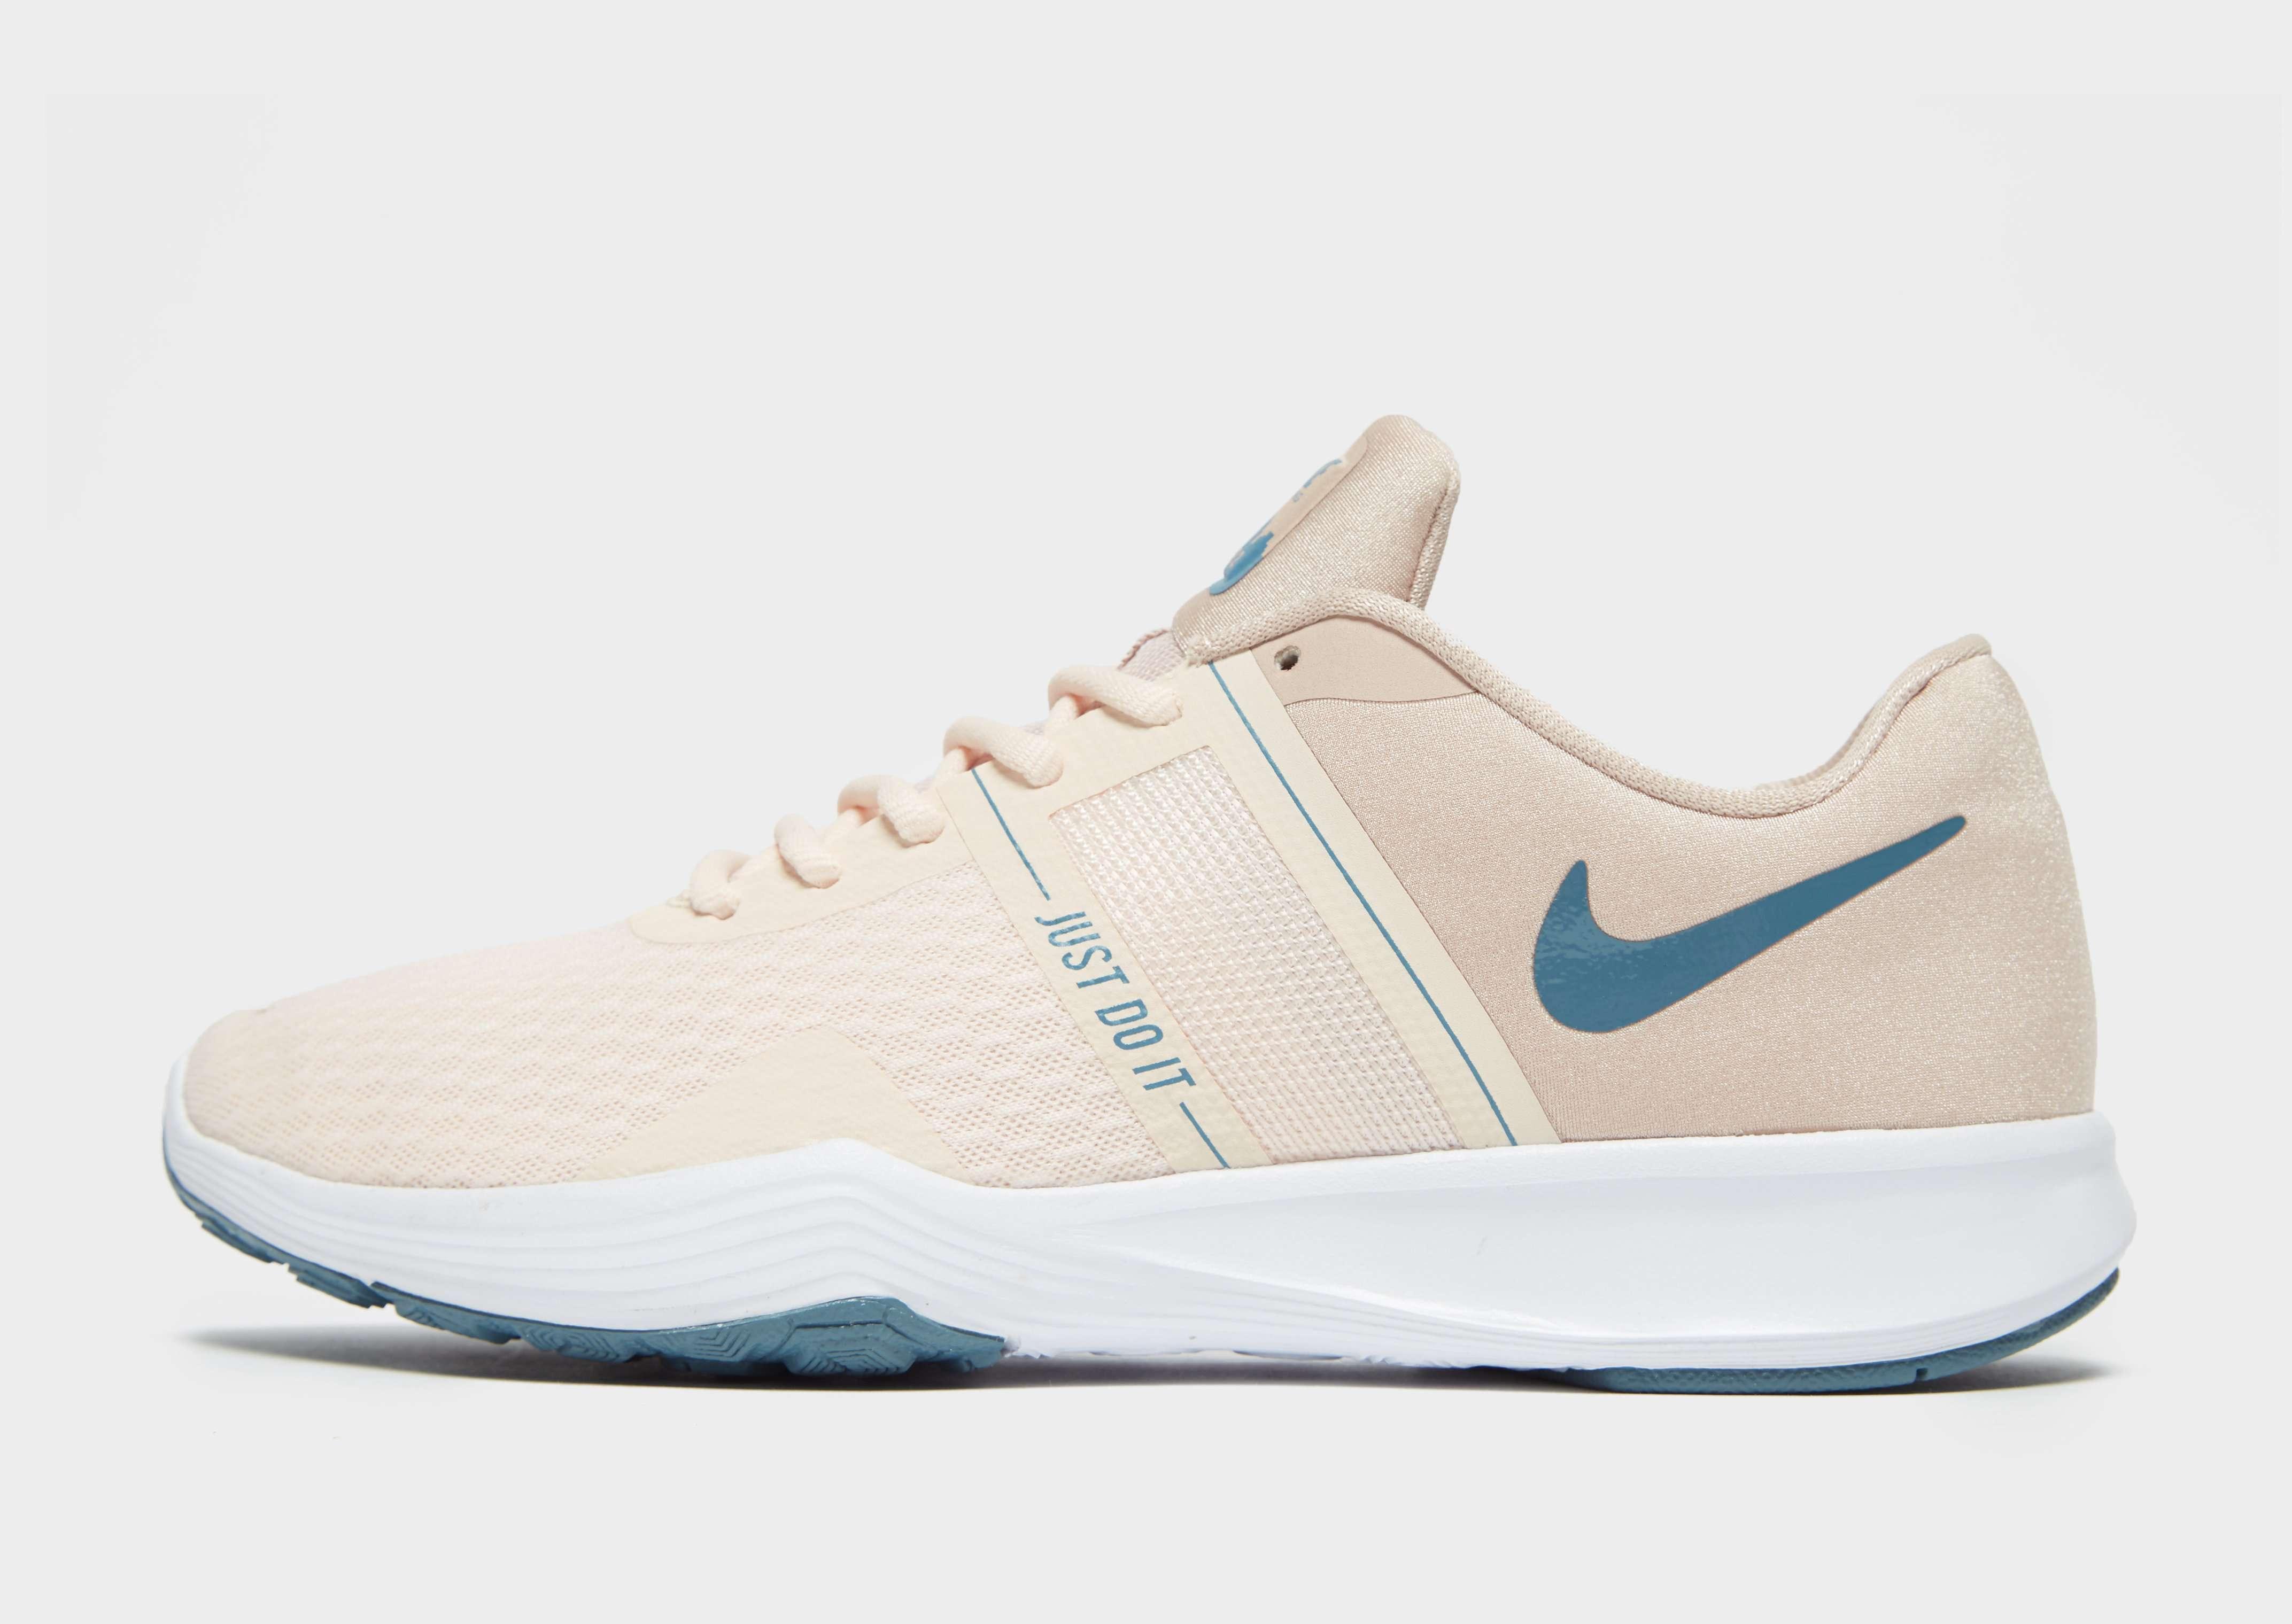 Nike City Trainer 2 Women's